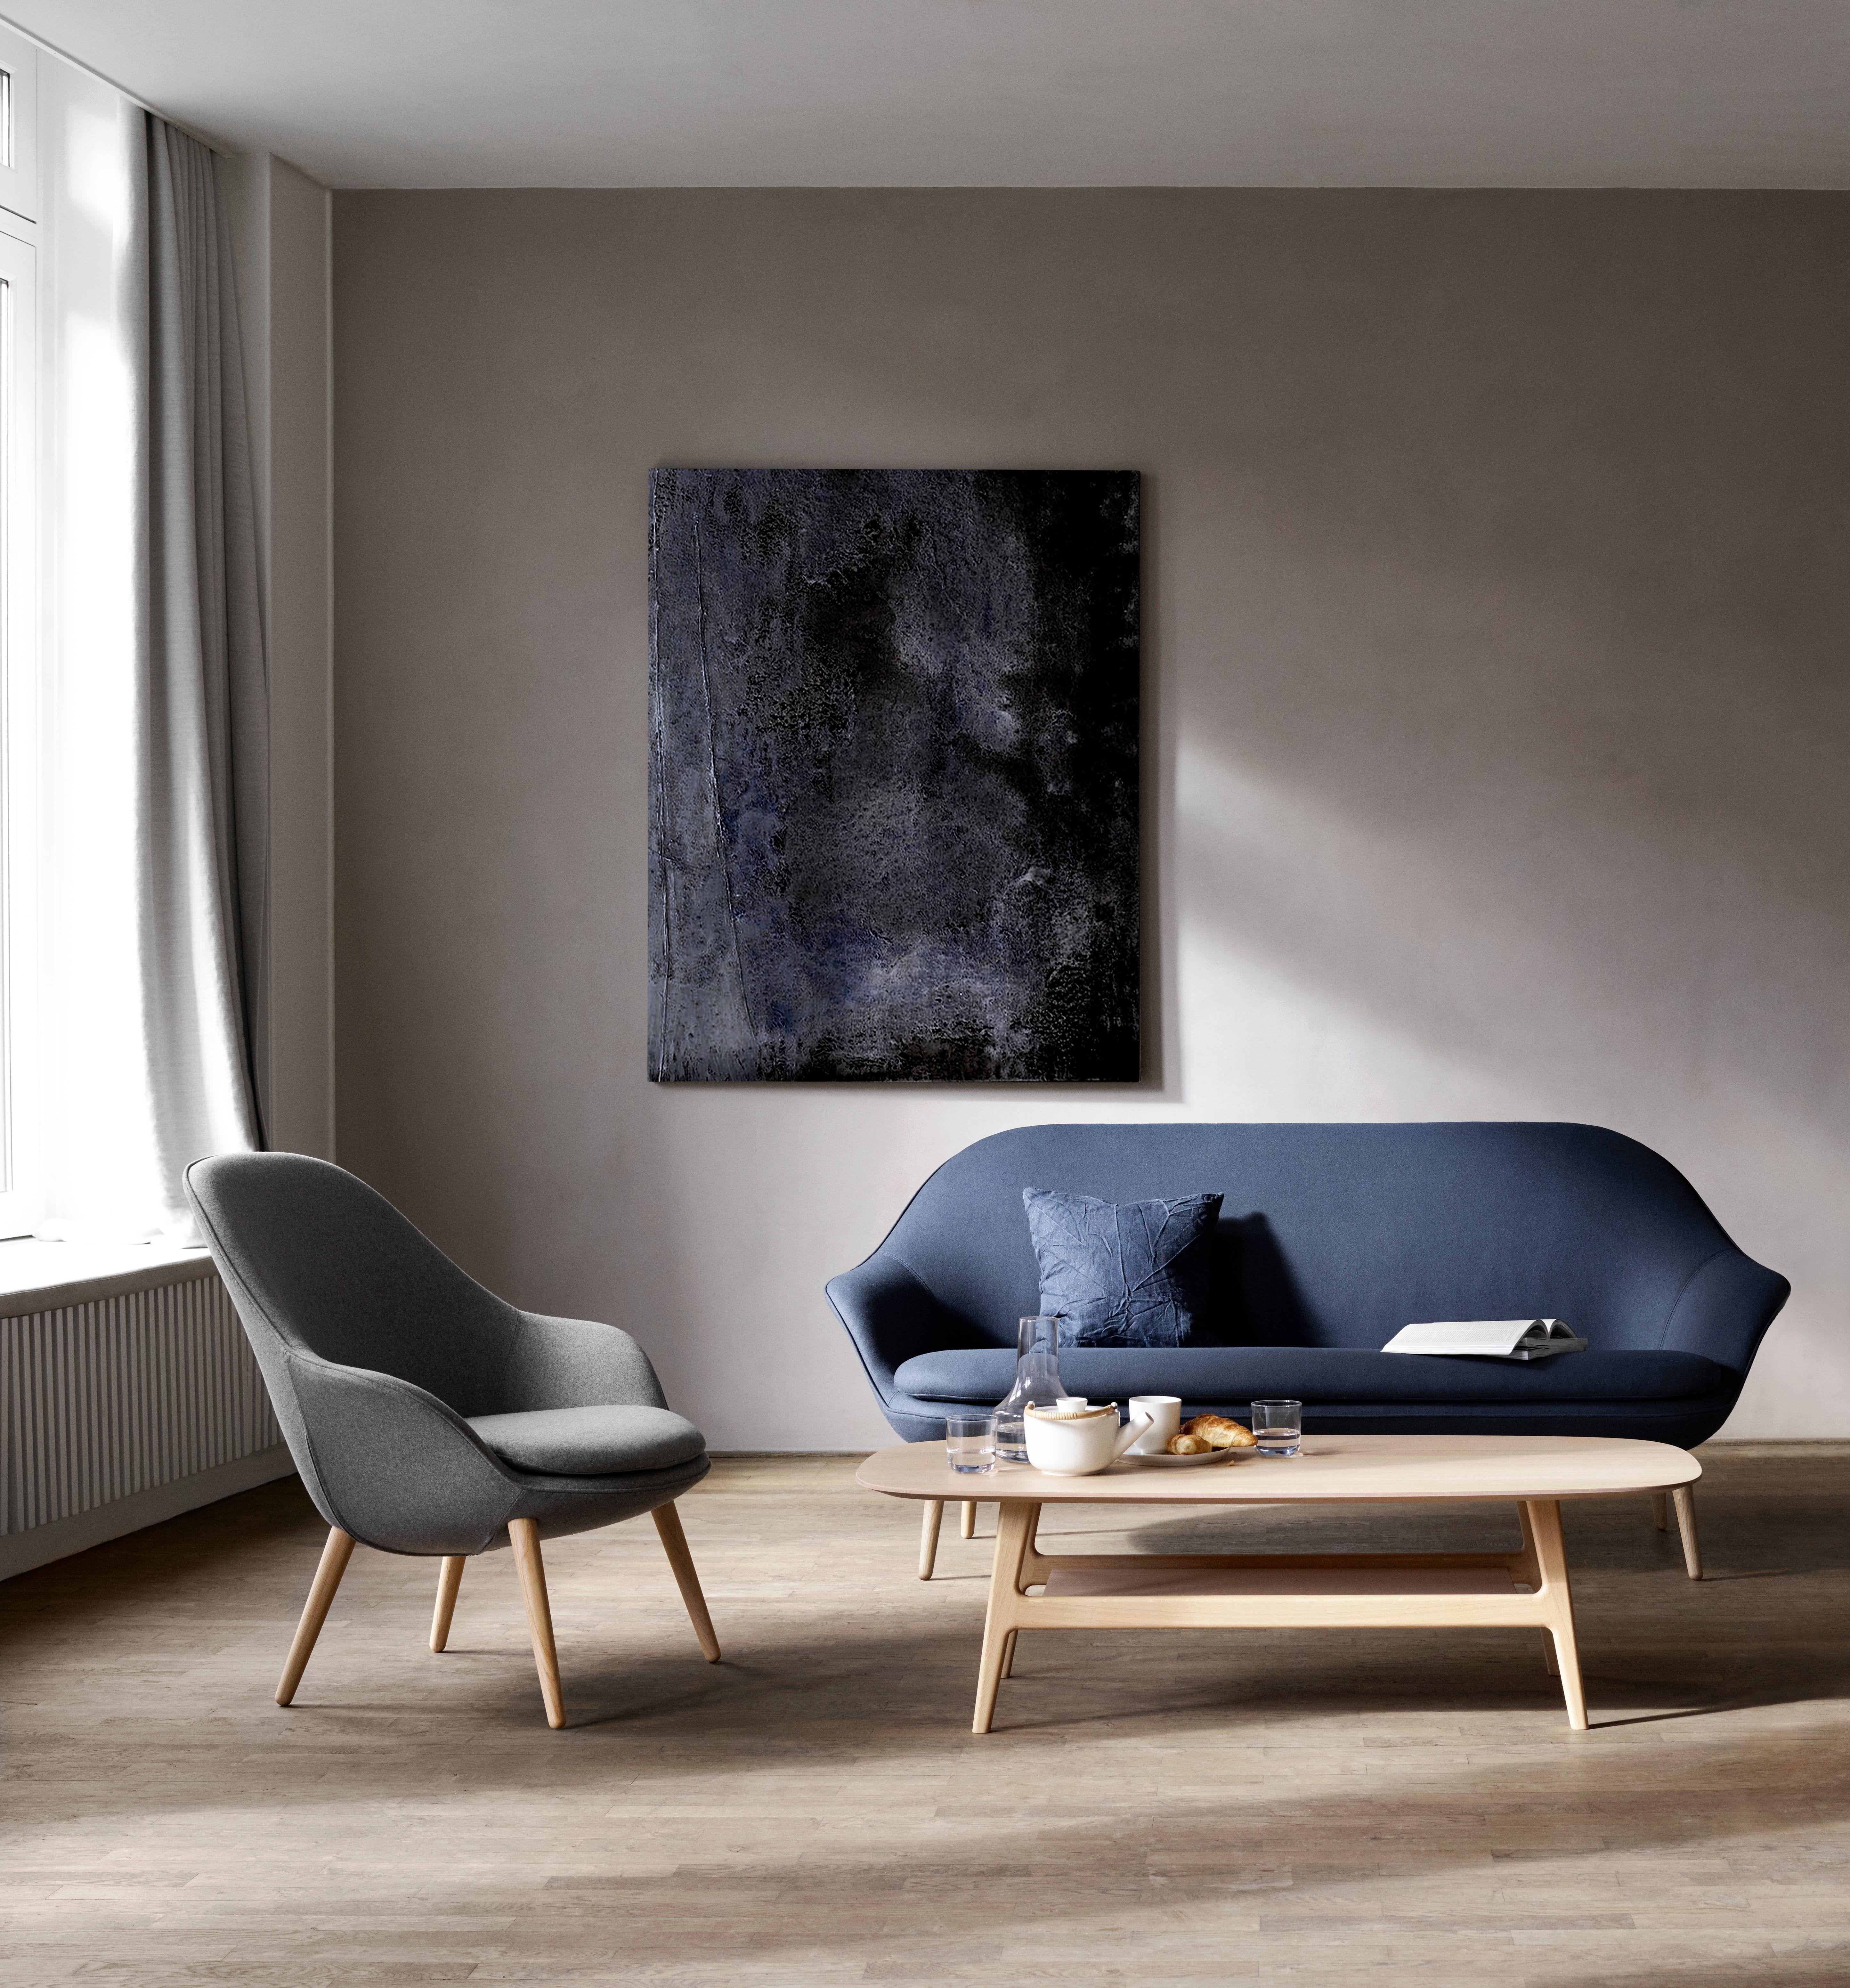 Adelaide Sessel von BoConcept boconcept sessel interiordesign livingroom design homedecor ...